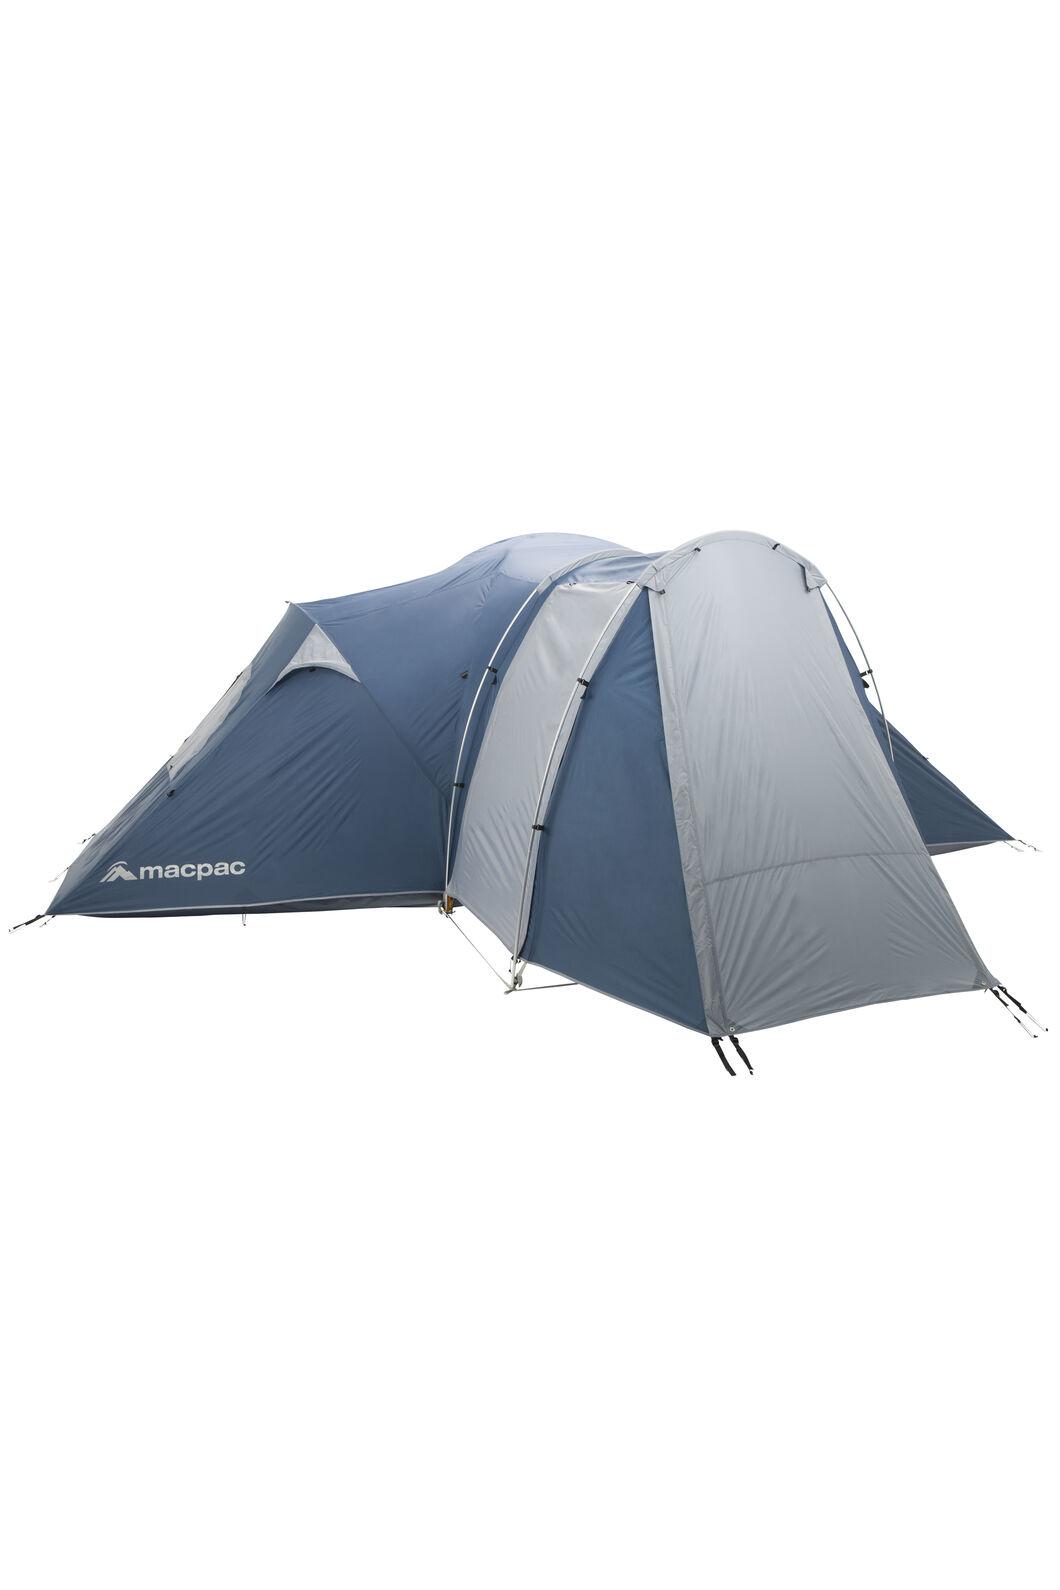 Macpac Aquila Camping Tent, Navy, hi-res